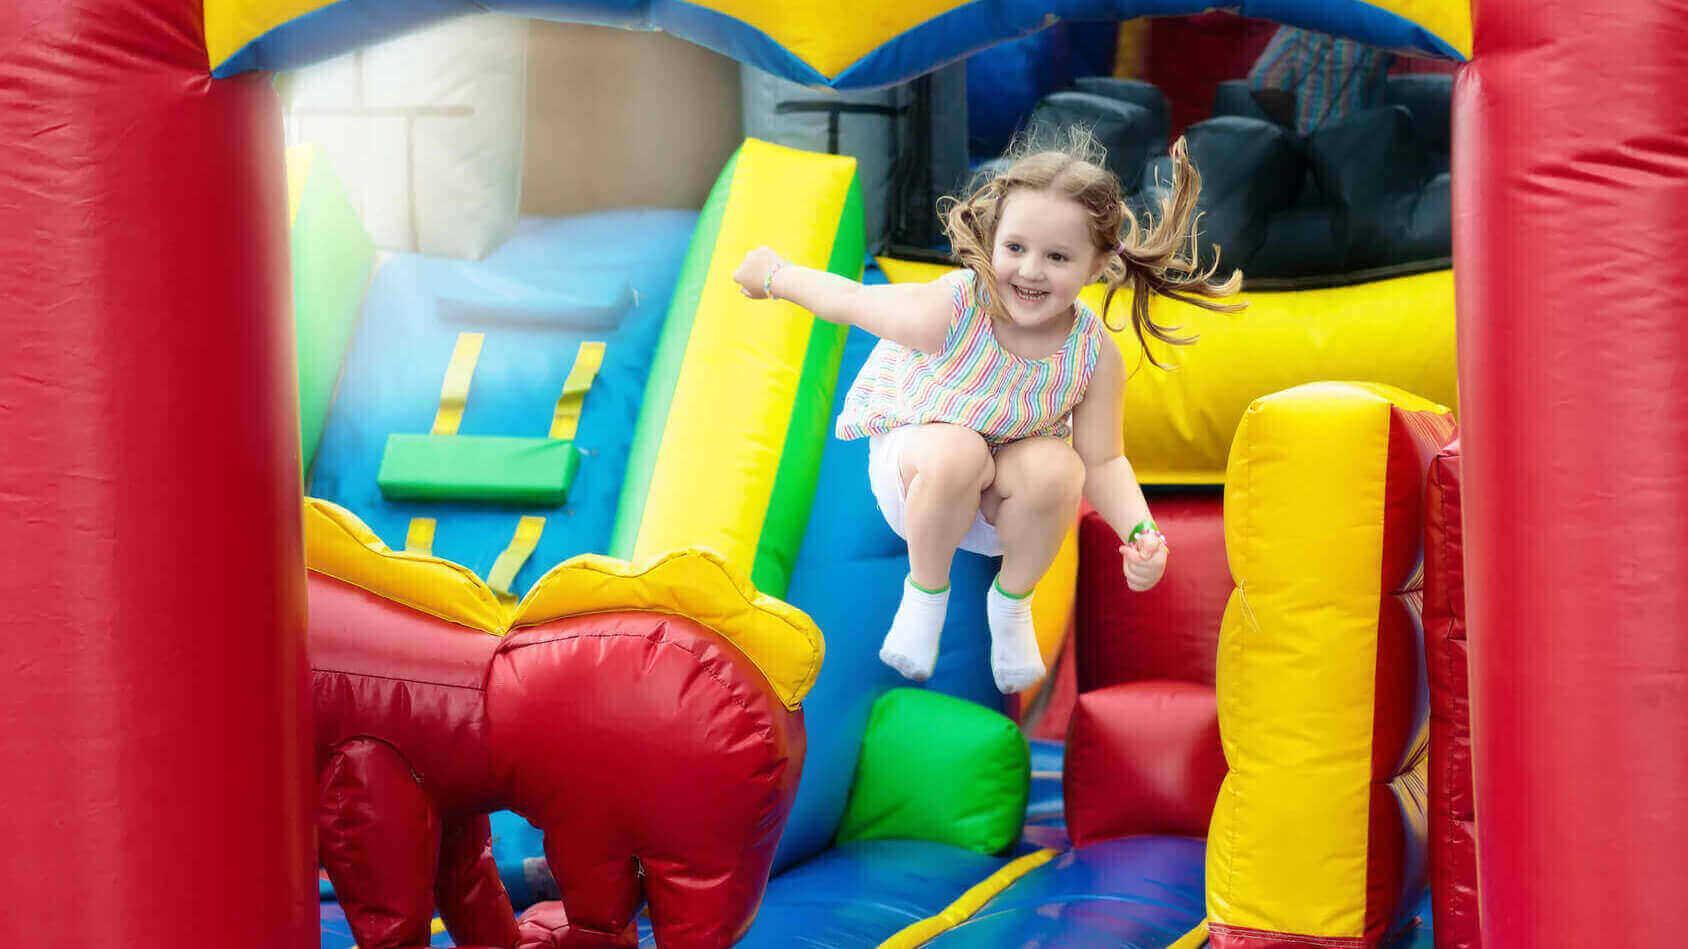 Mädchen springt auf einer Hüpfburg in einem Indoorspielplatz